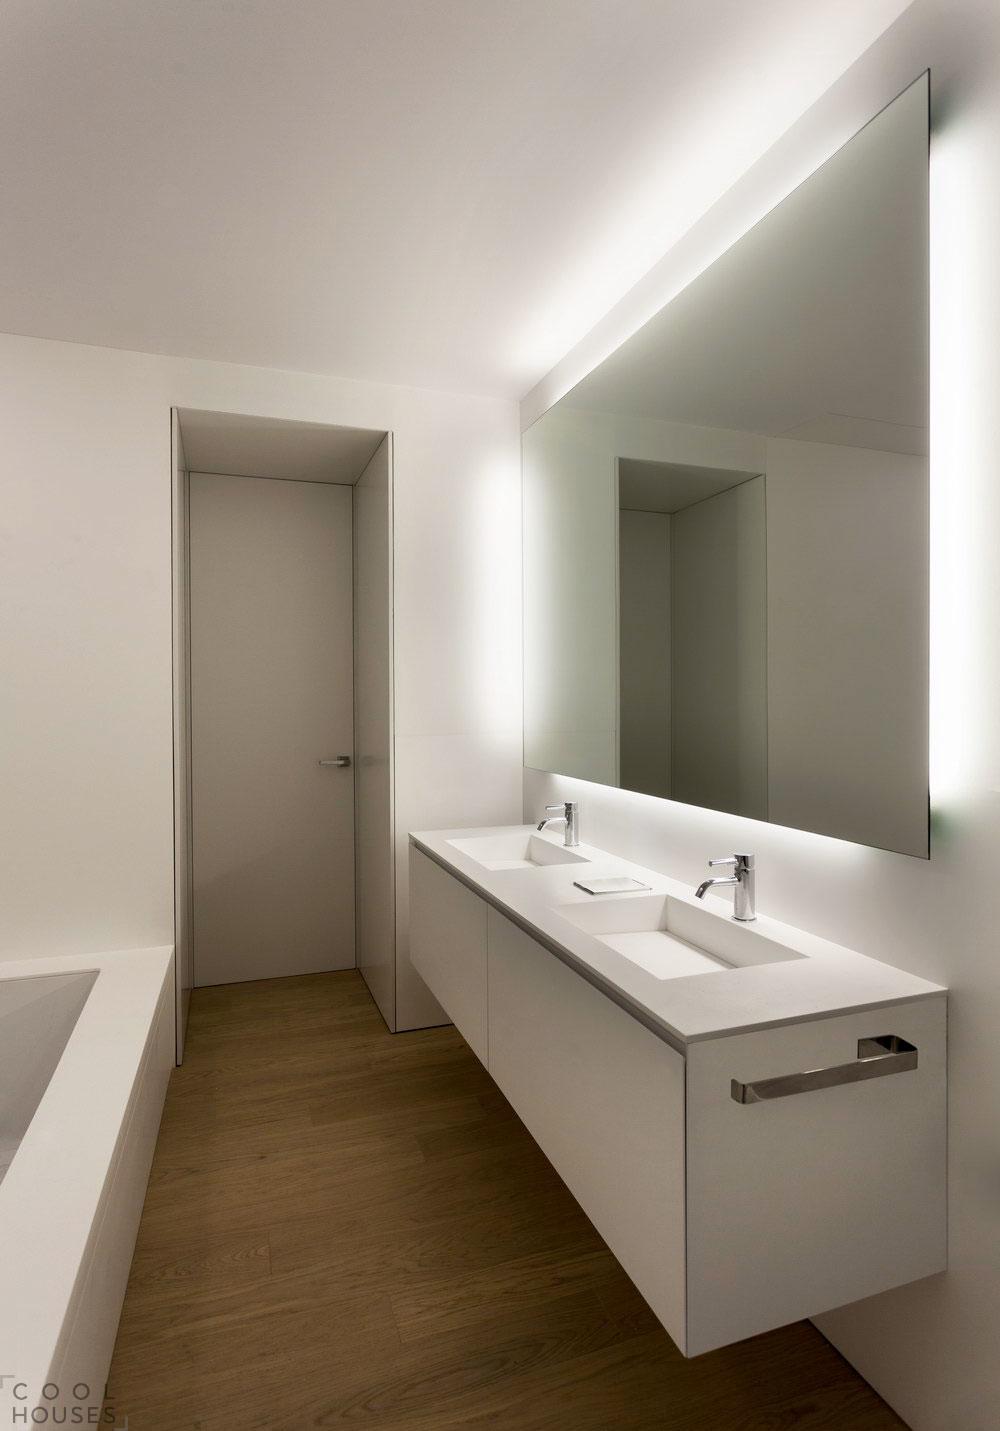 Дизайн квартиры в современном стиле в Валенсии, Испания